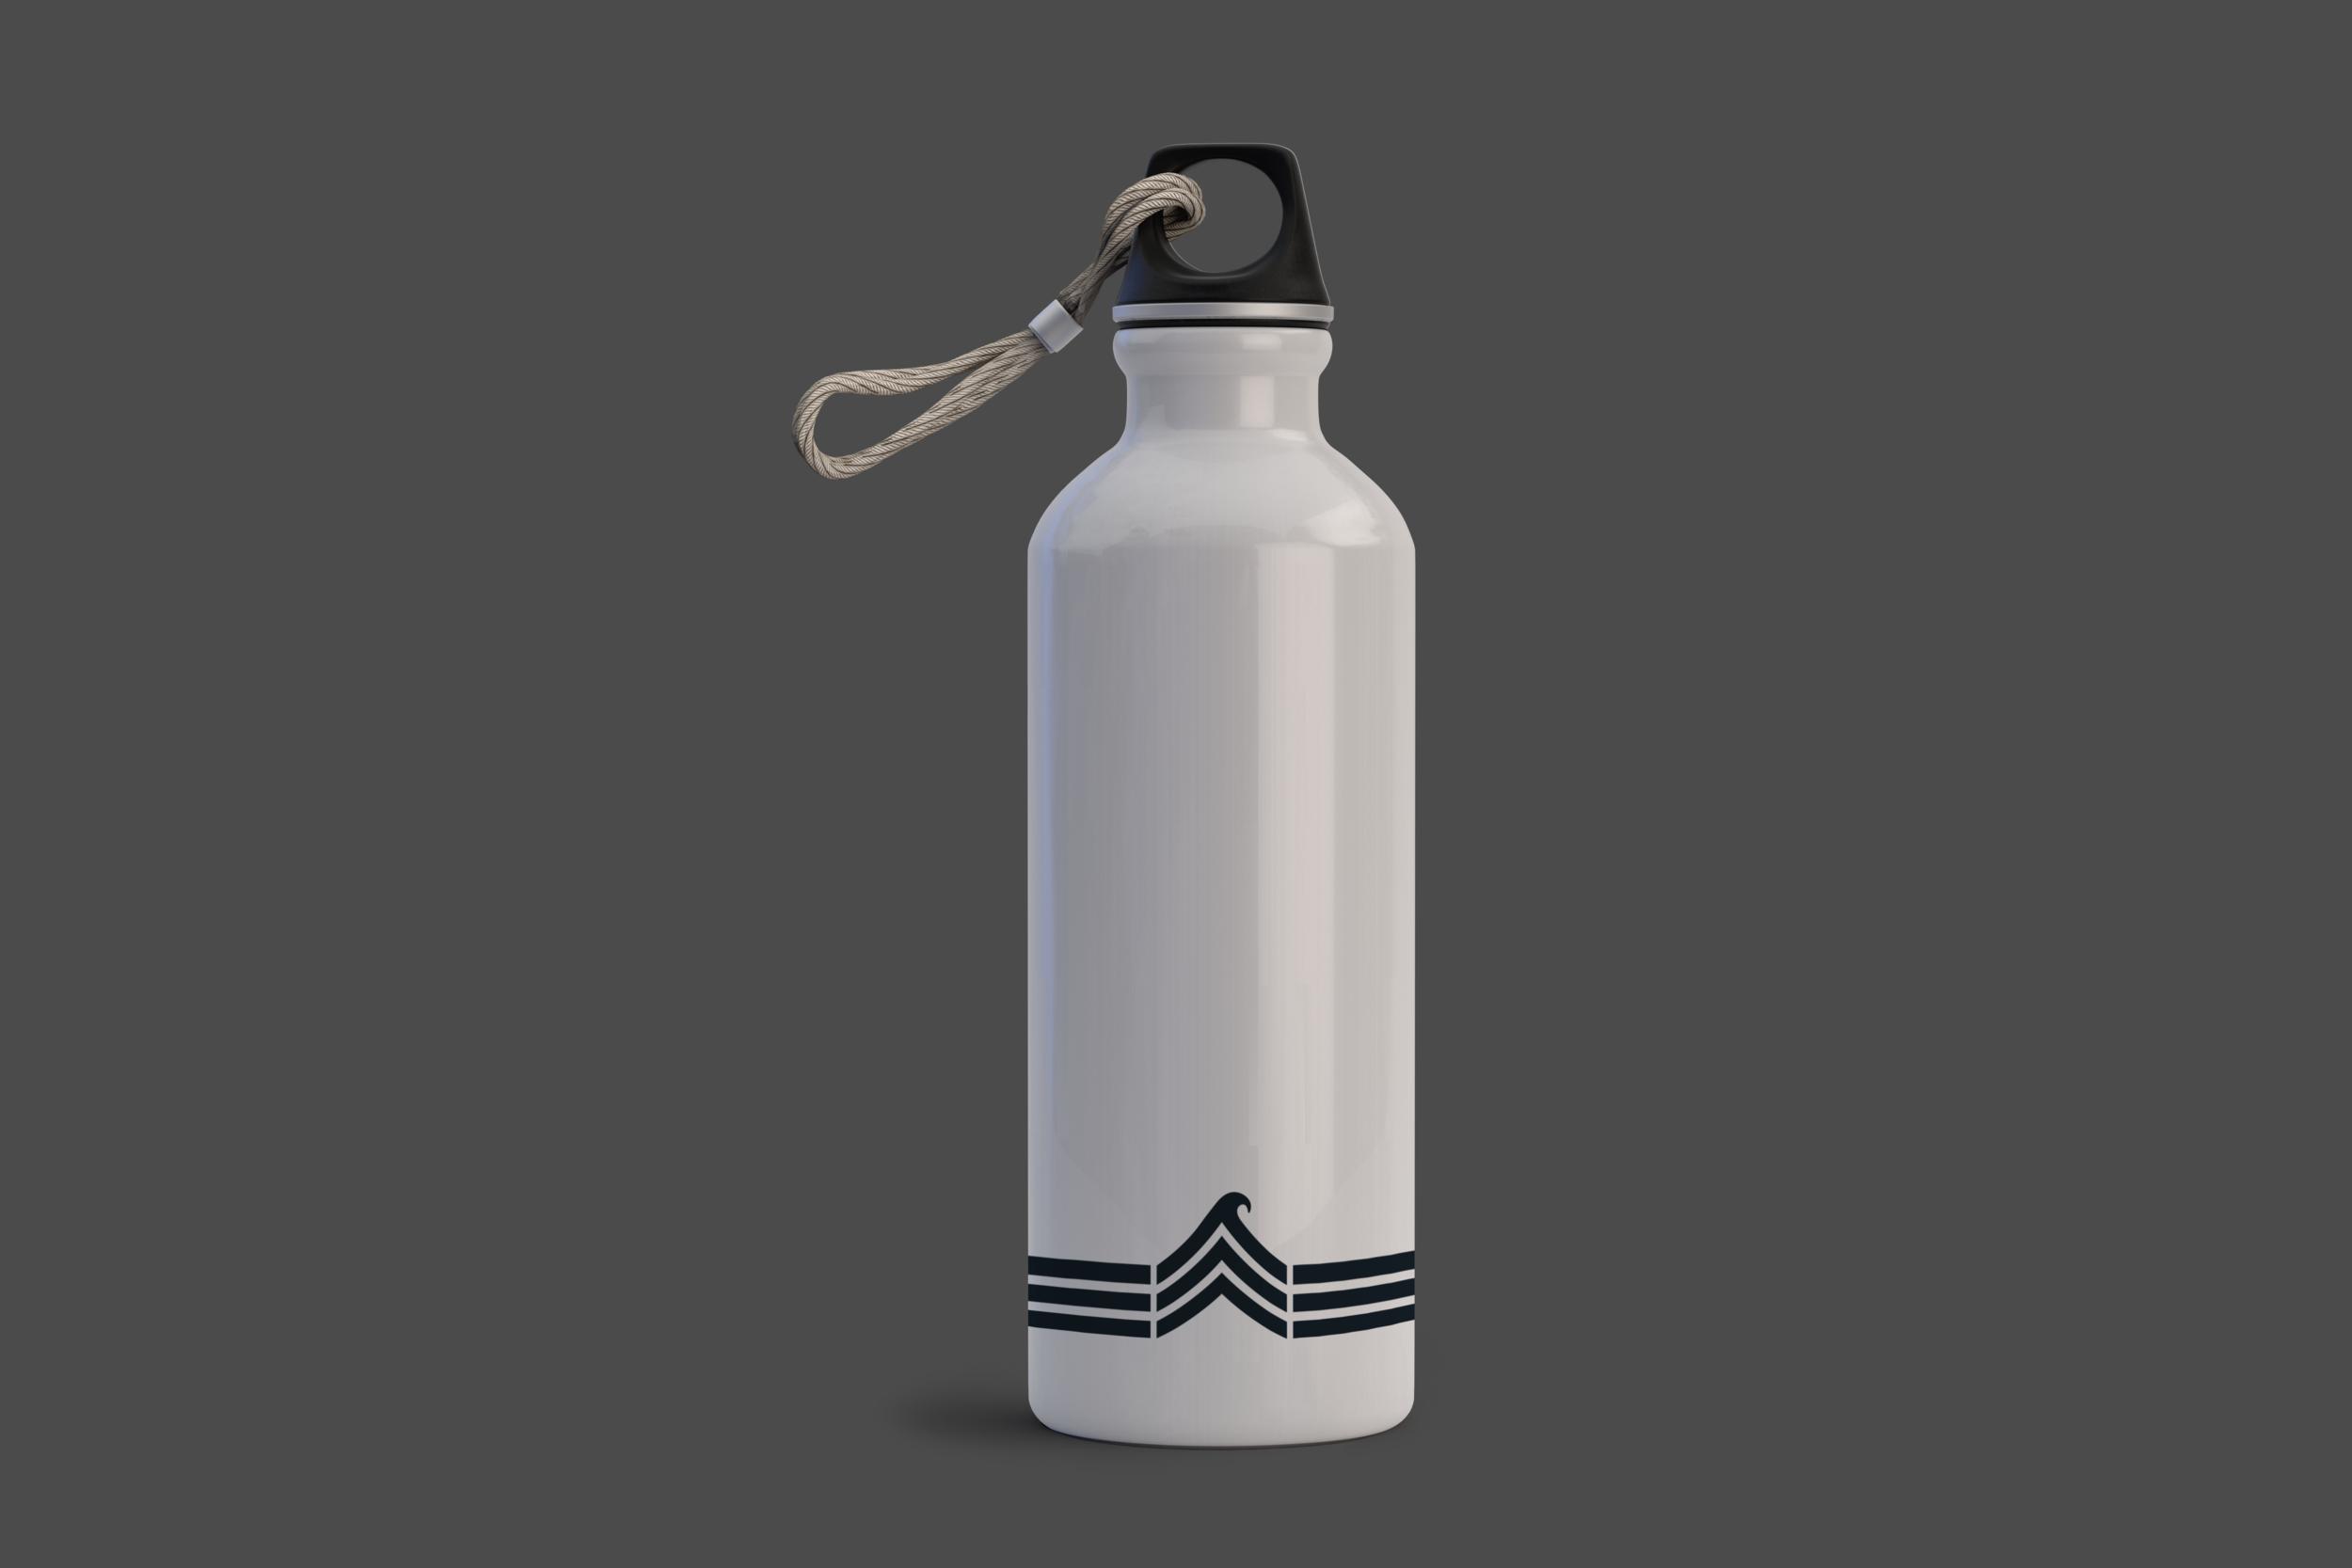 OA Water bottle mockup.png